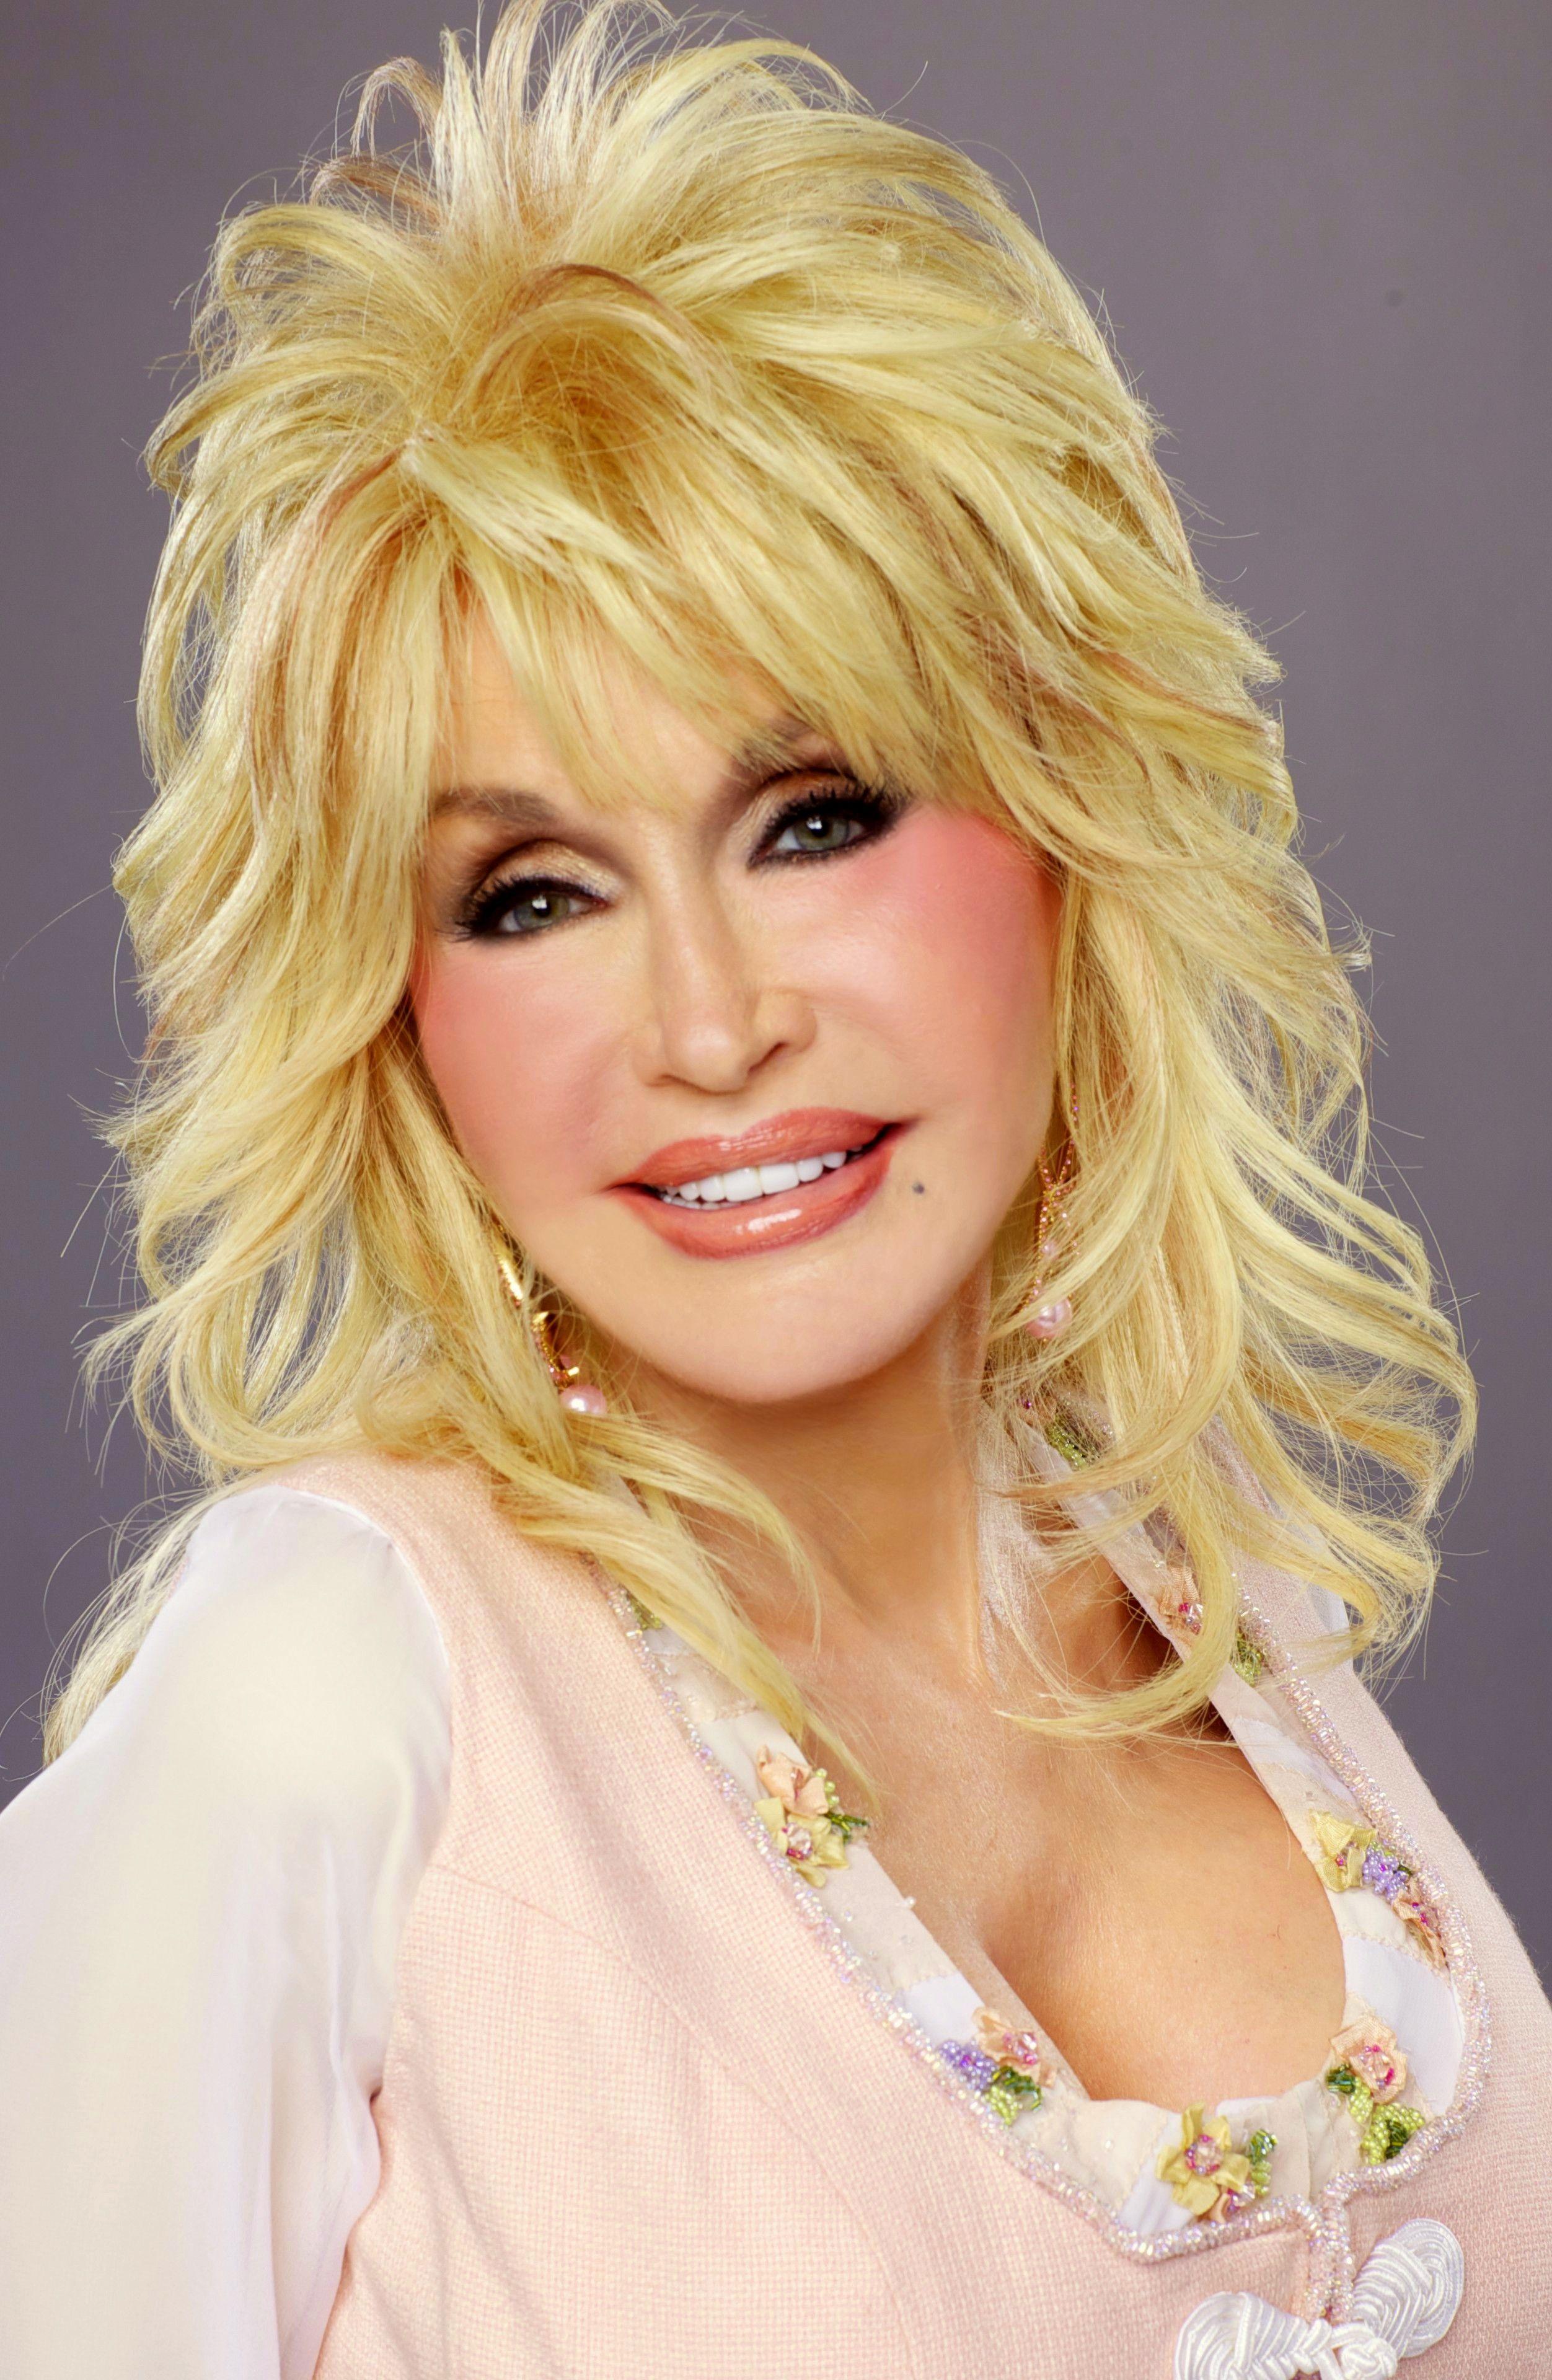 Dolly Parton Dolly Parton Pinterest